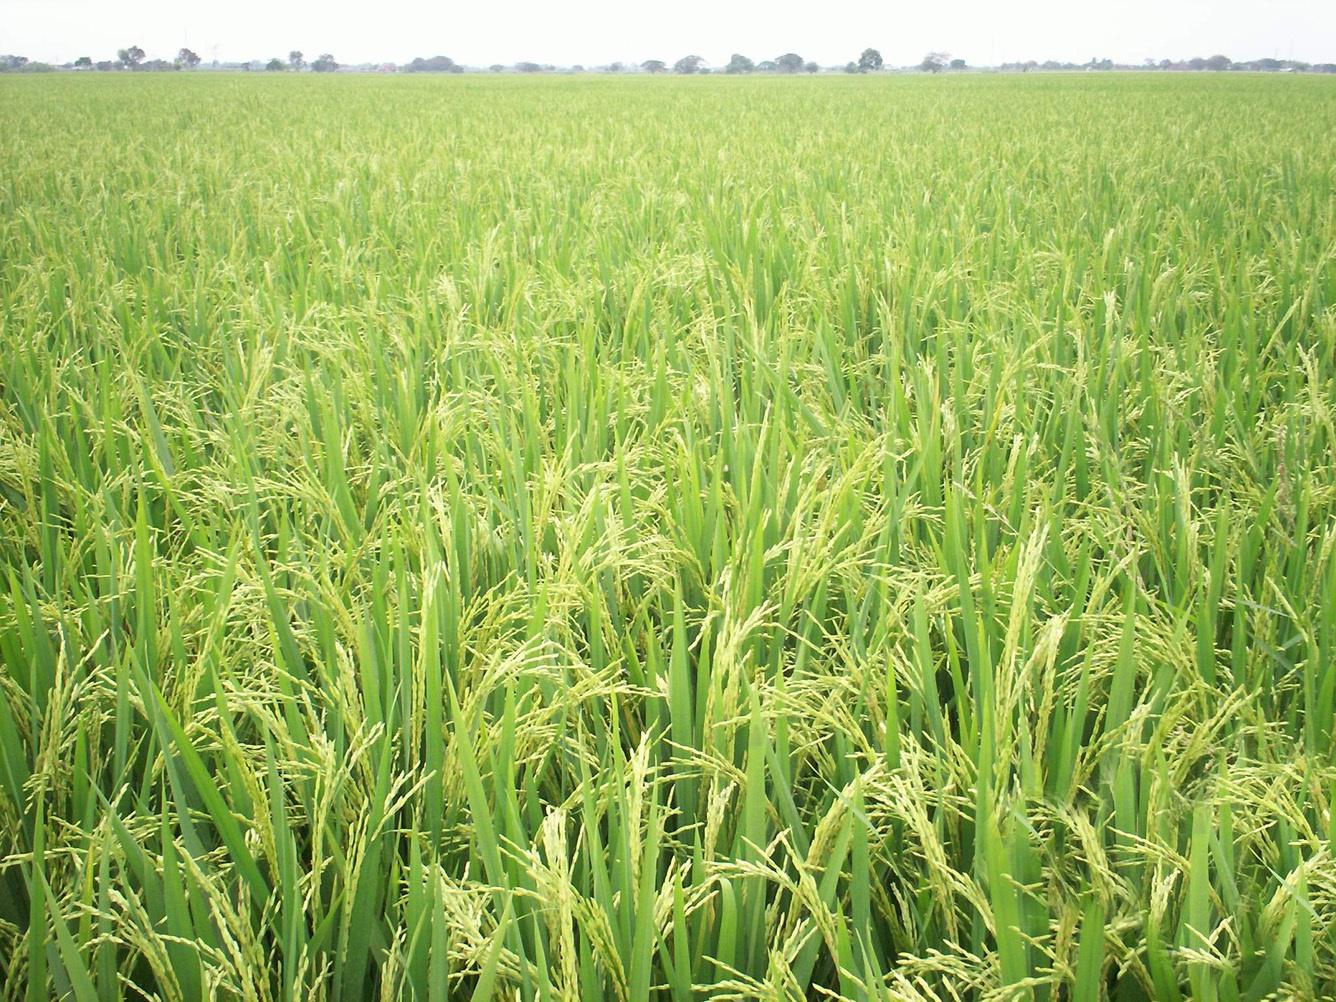 proceso de producción agrícola con cultivo de arroz en etapa de maduración, ubicado en Nobol, provincia del Guayas Ecuador